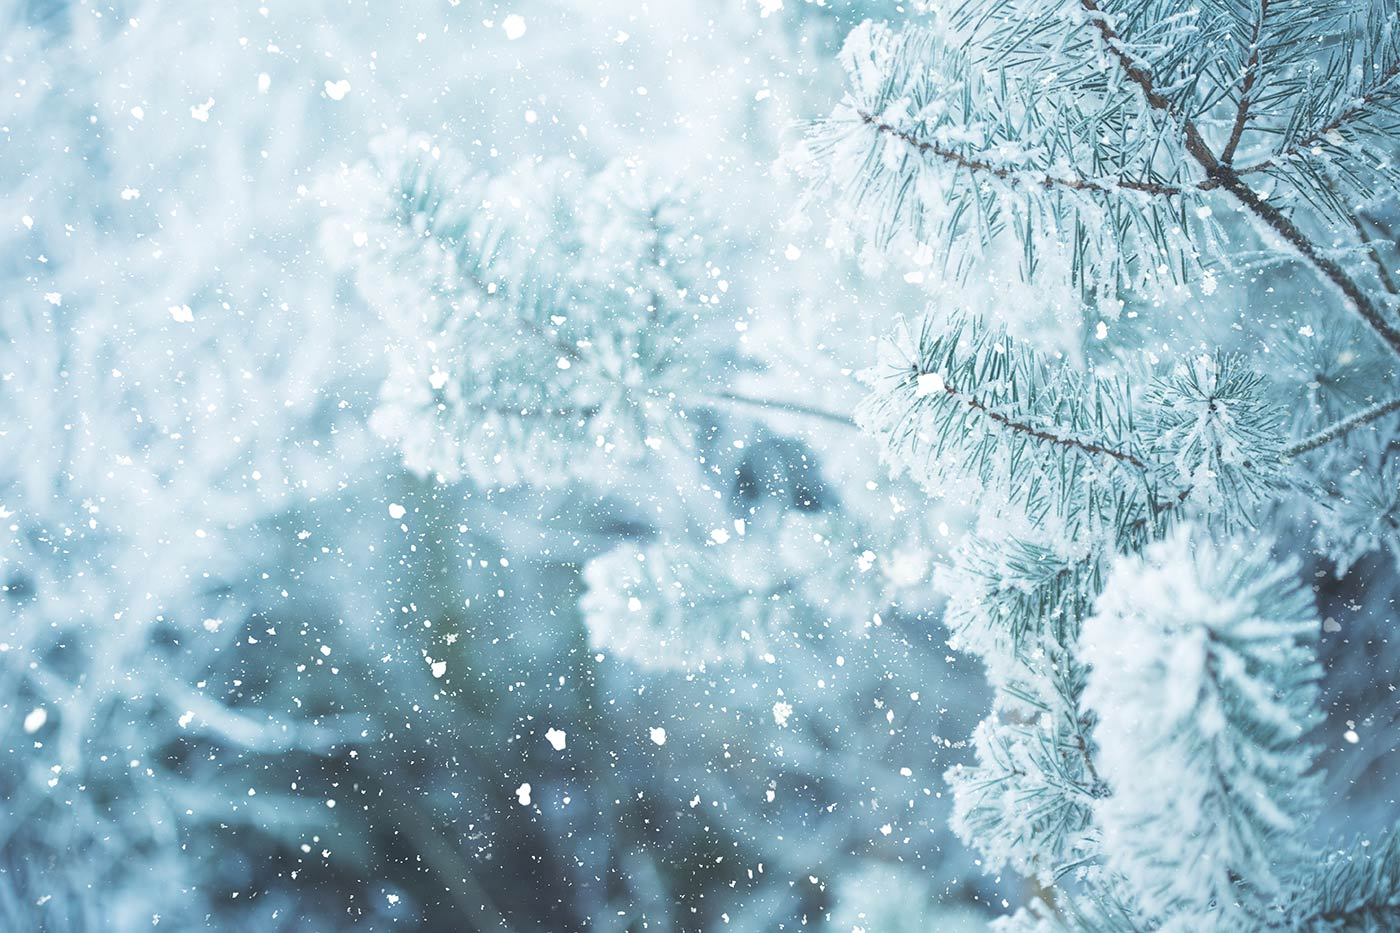 Wild Taiga winter